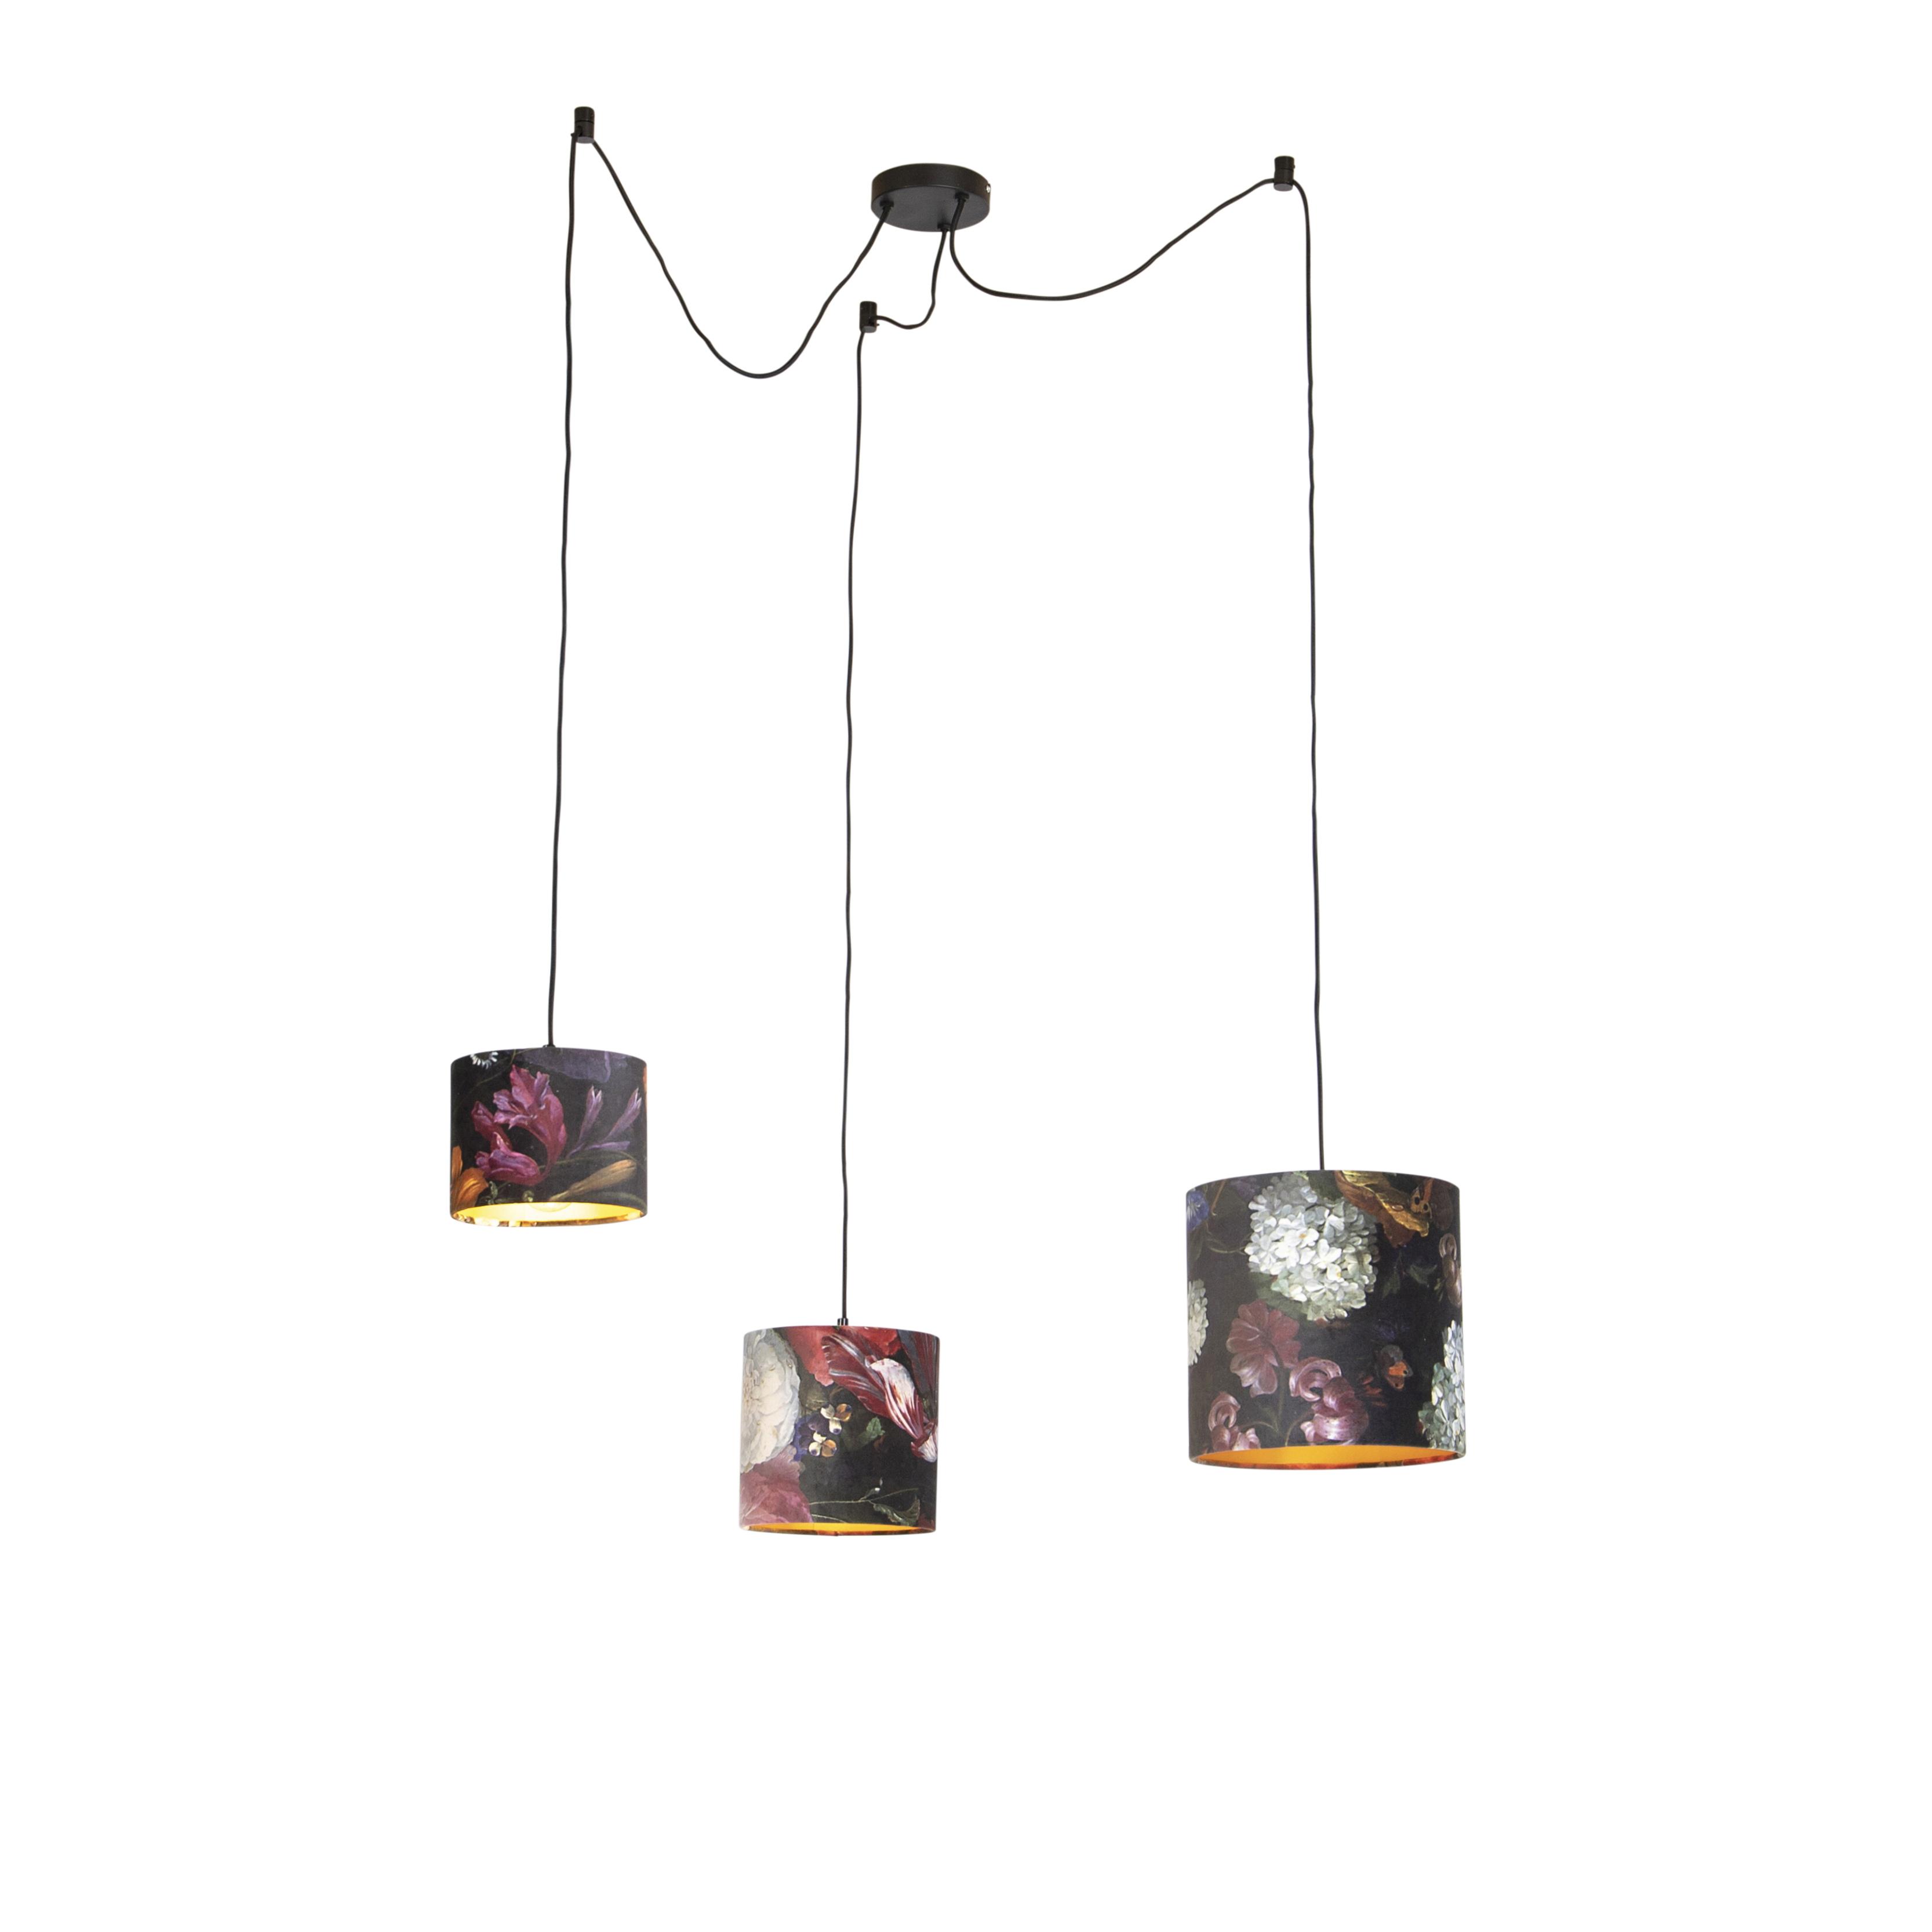 Hanglamp met 3 velours kappen bloemen met goud - Cava